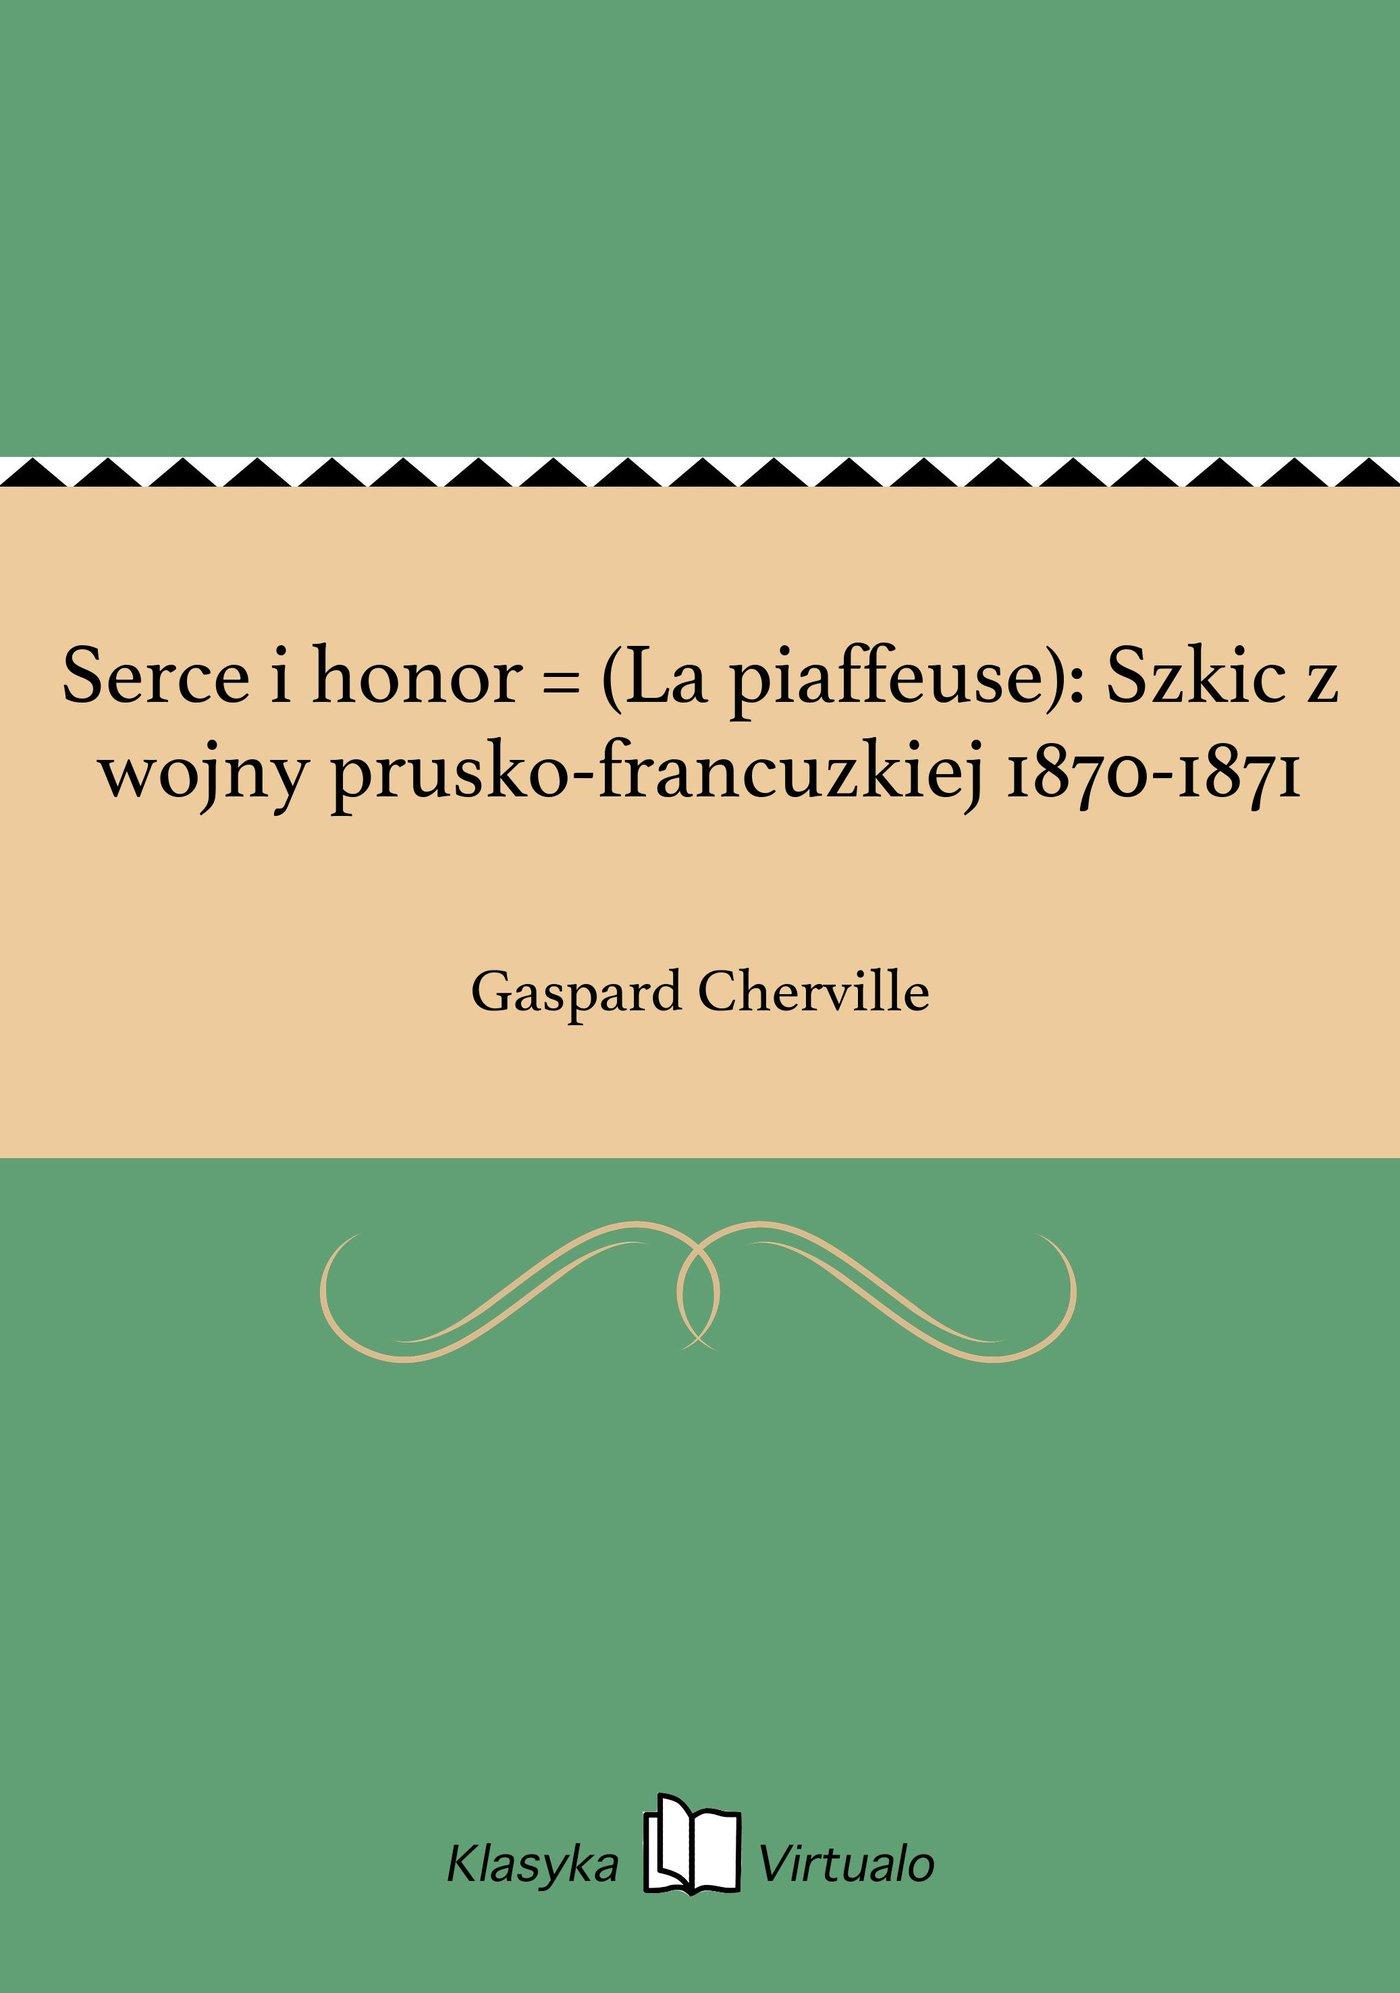 Serce i honor = (La piaffeuse): Szkic z wojny prusko-francuzkiej 1870-1871 - Ebook (Książka EPUB) do pobrania w formacie EPUB